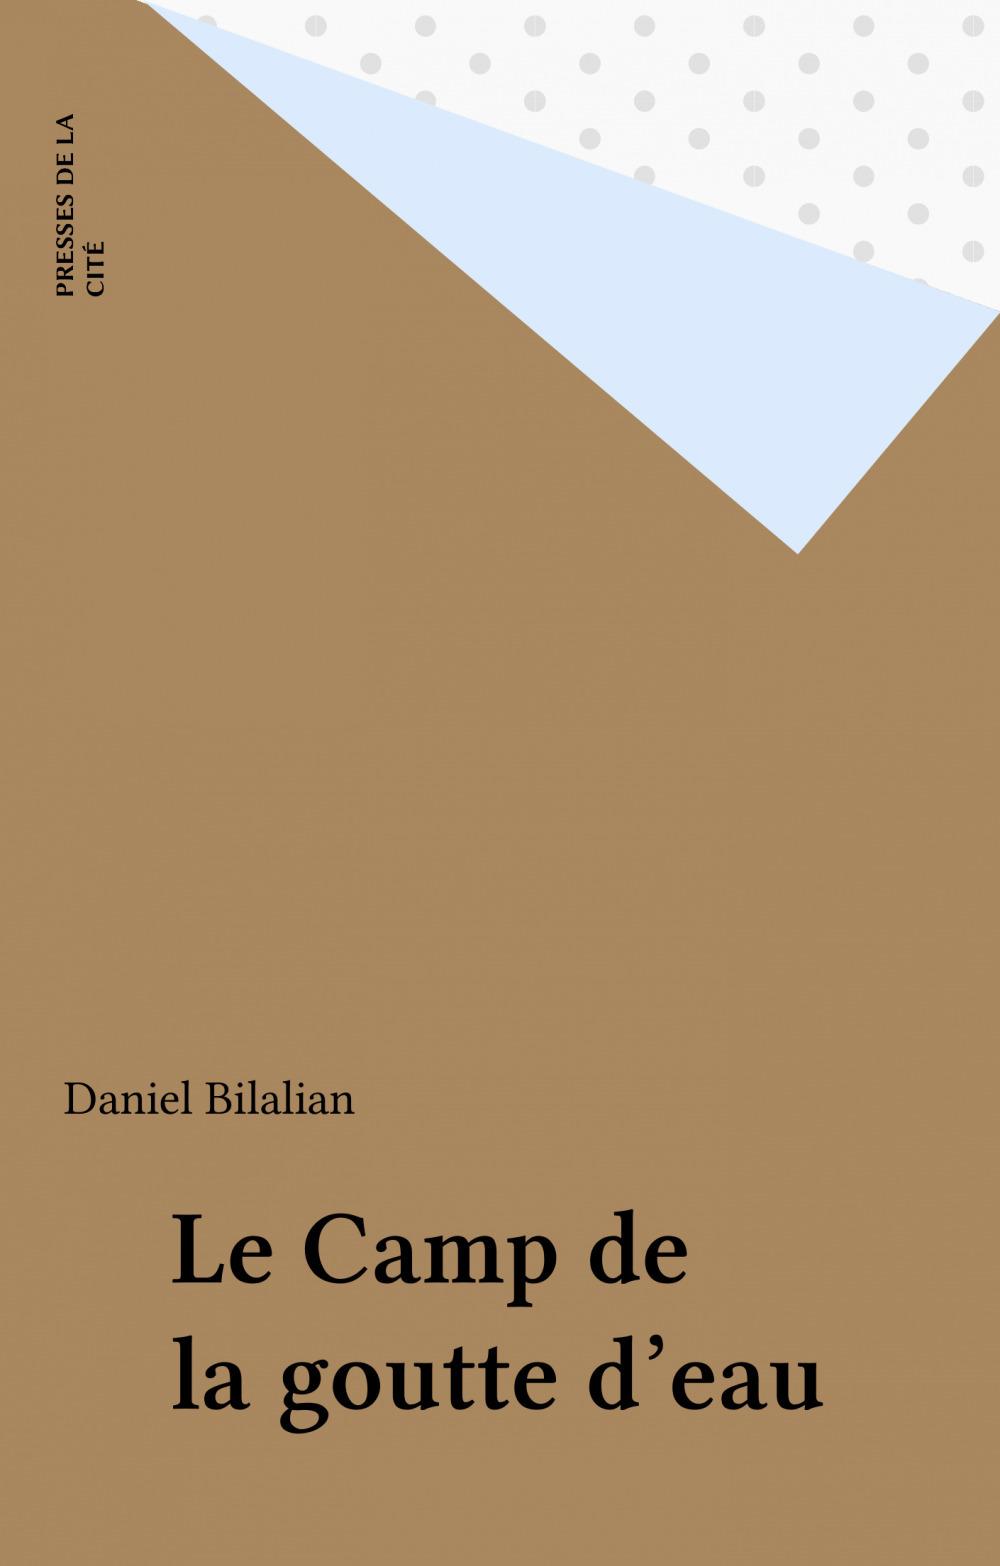 Le Camp de la goutte d'eau  - Daniel Bilalian